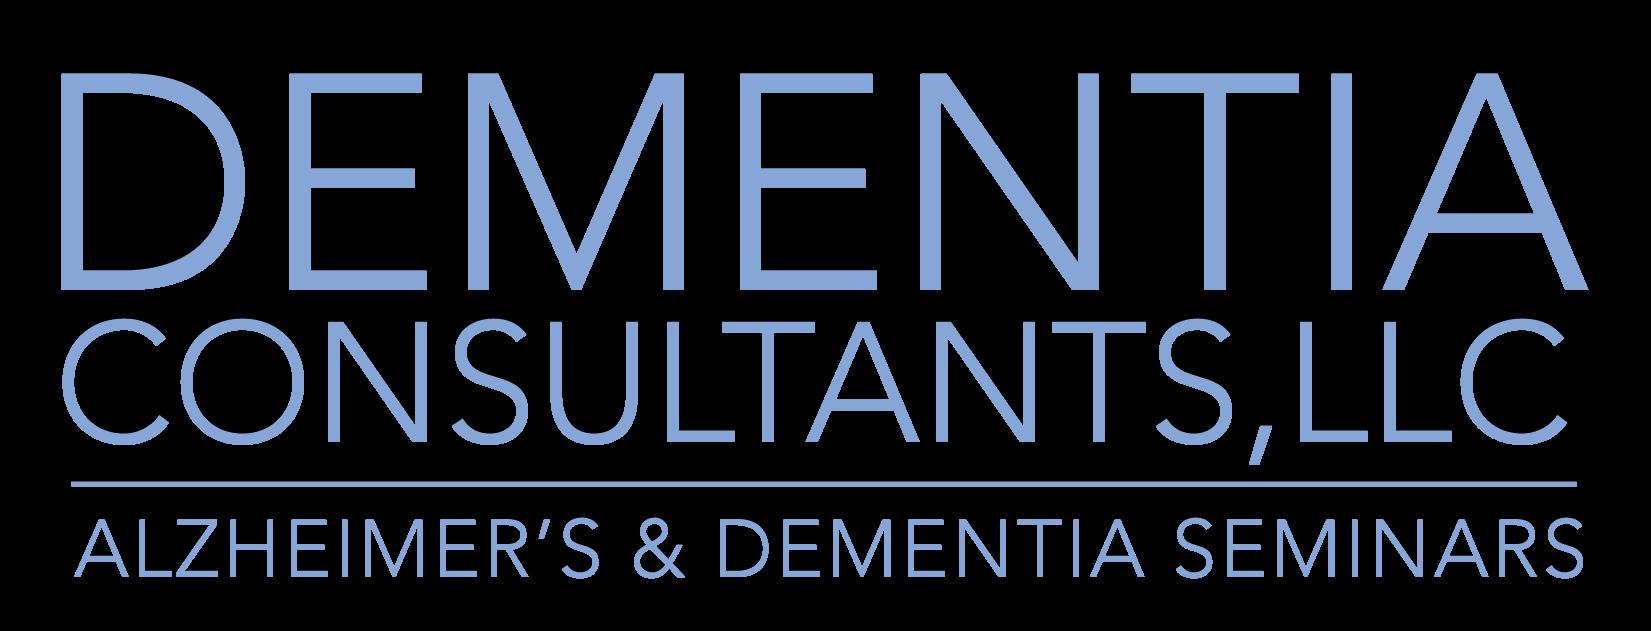 Dementia Consultants